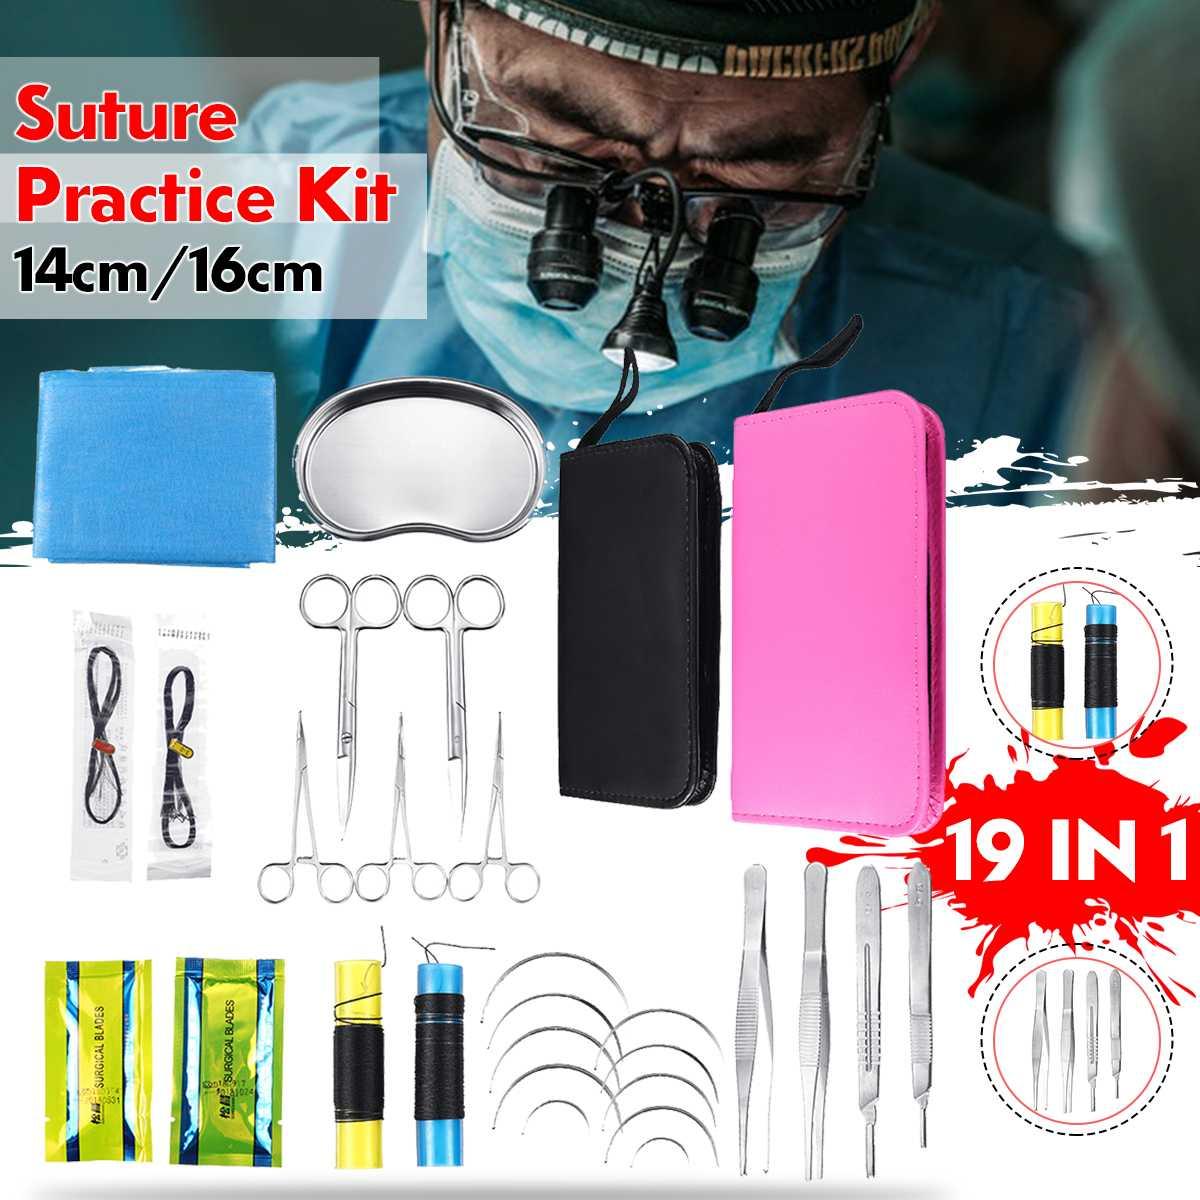 19 pièces Kit de pratique de Suture outil de formation pédagogique de Surcigal avec sac Oxford outils d'enseignement multifonctionnel de la Science médicale